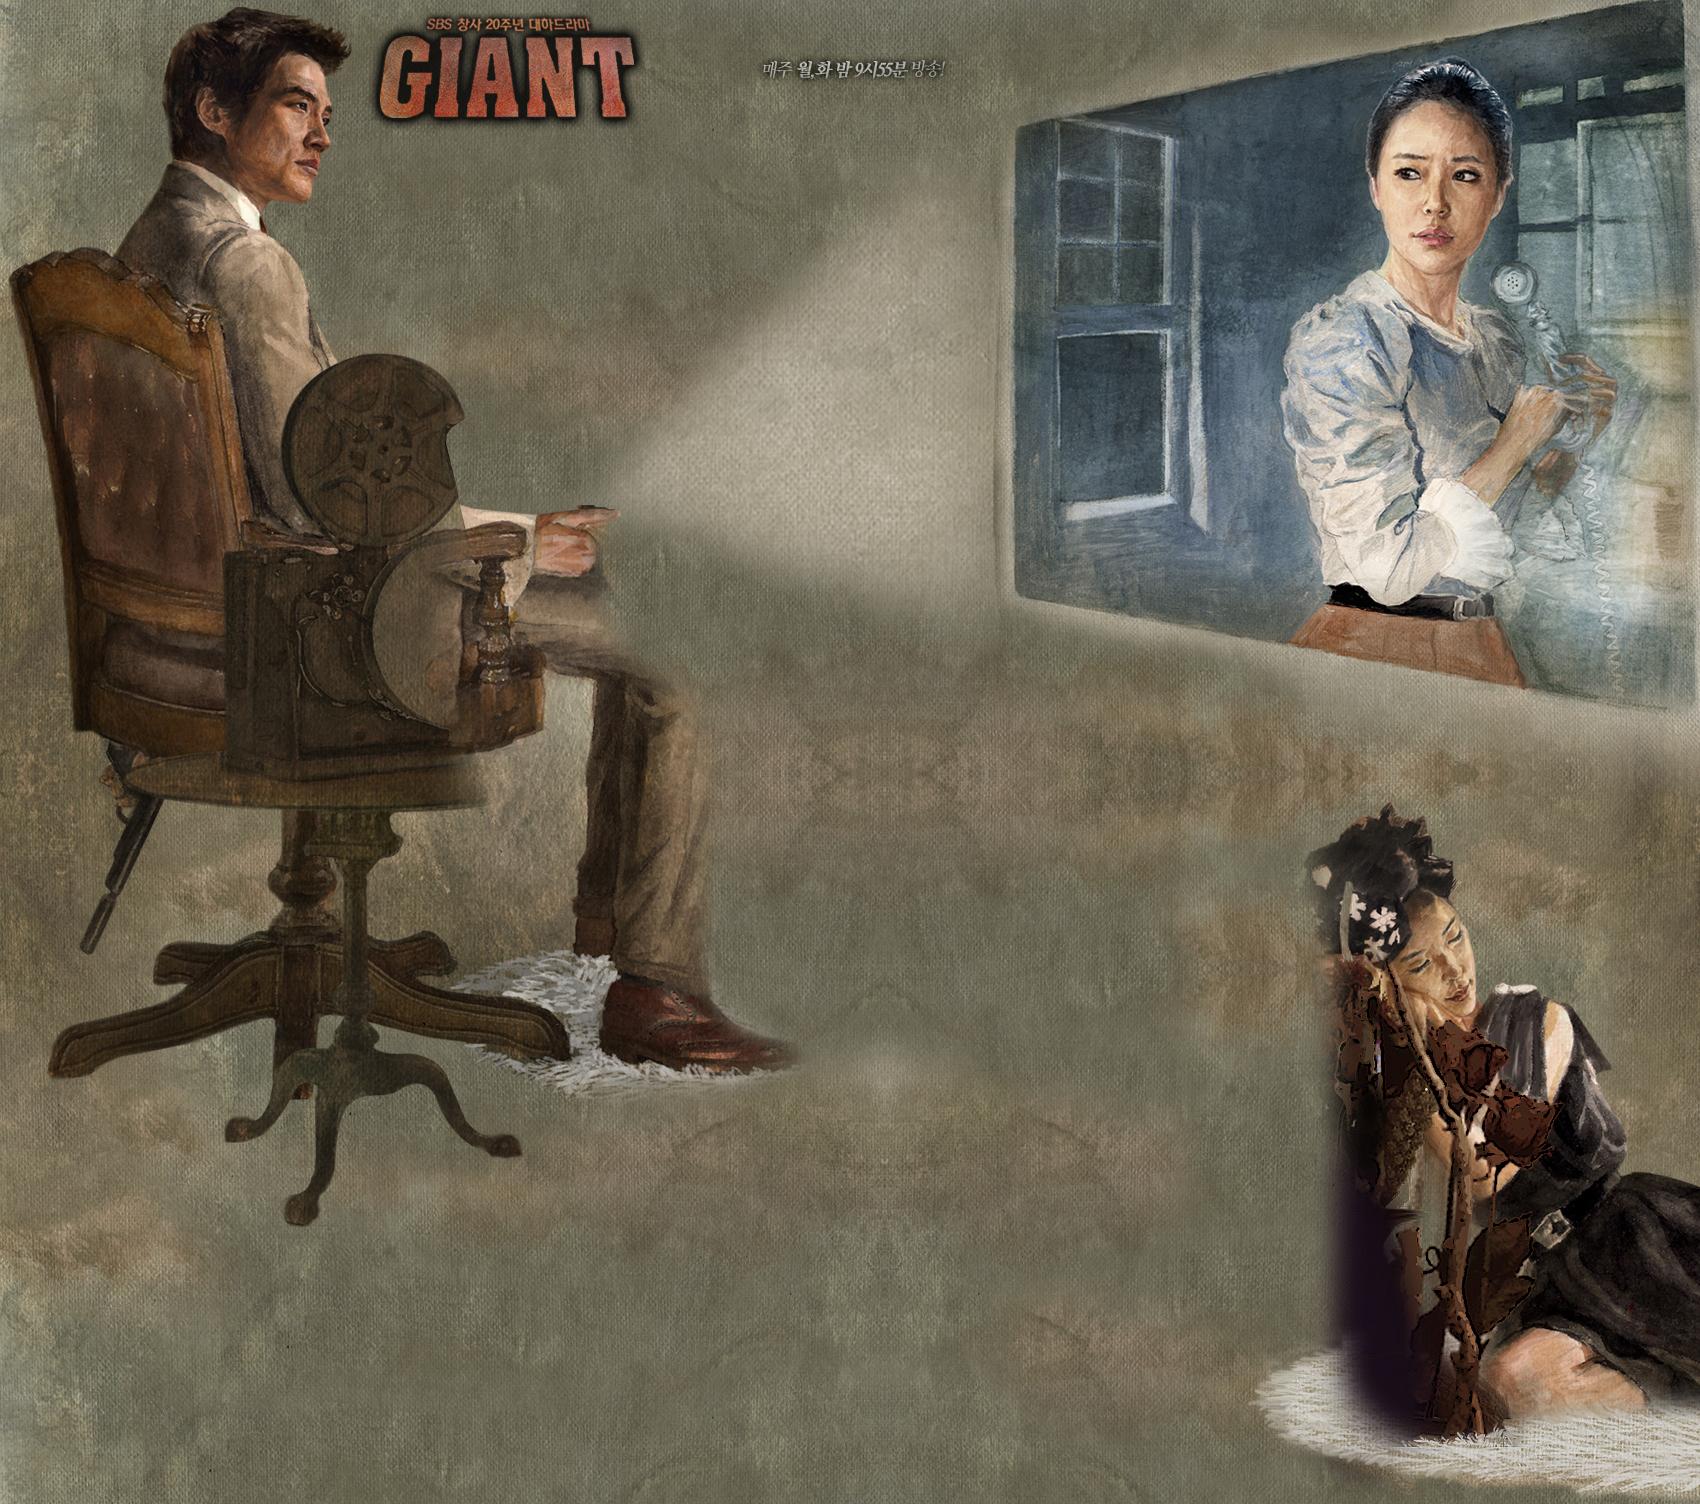 韓劇 兄妹情深(巨人Giant) 41-60集劇情線上看 1